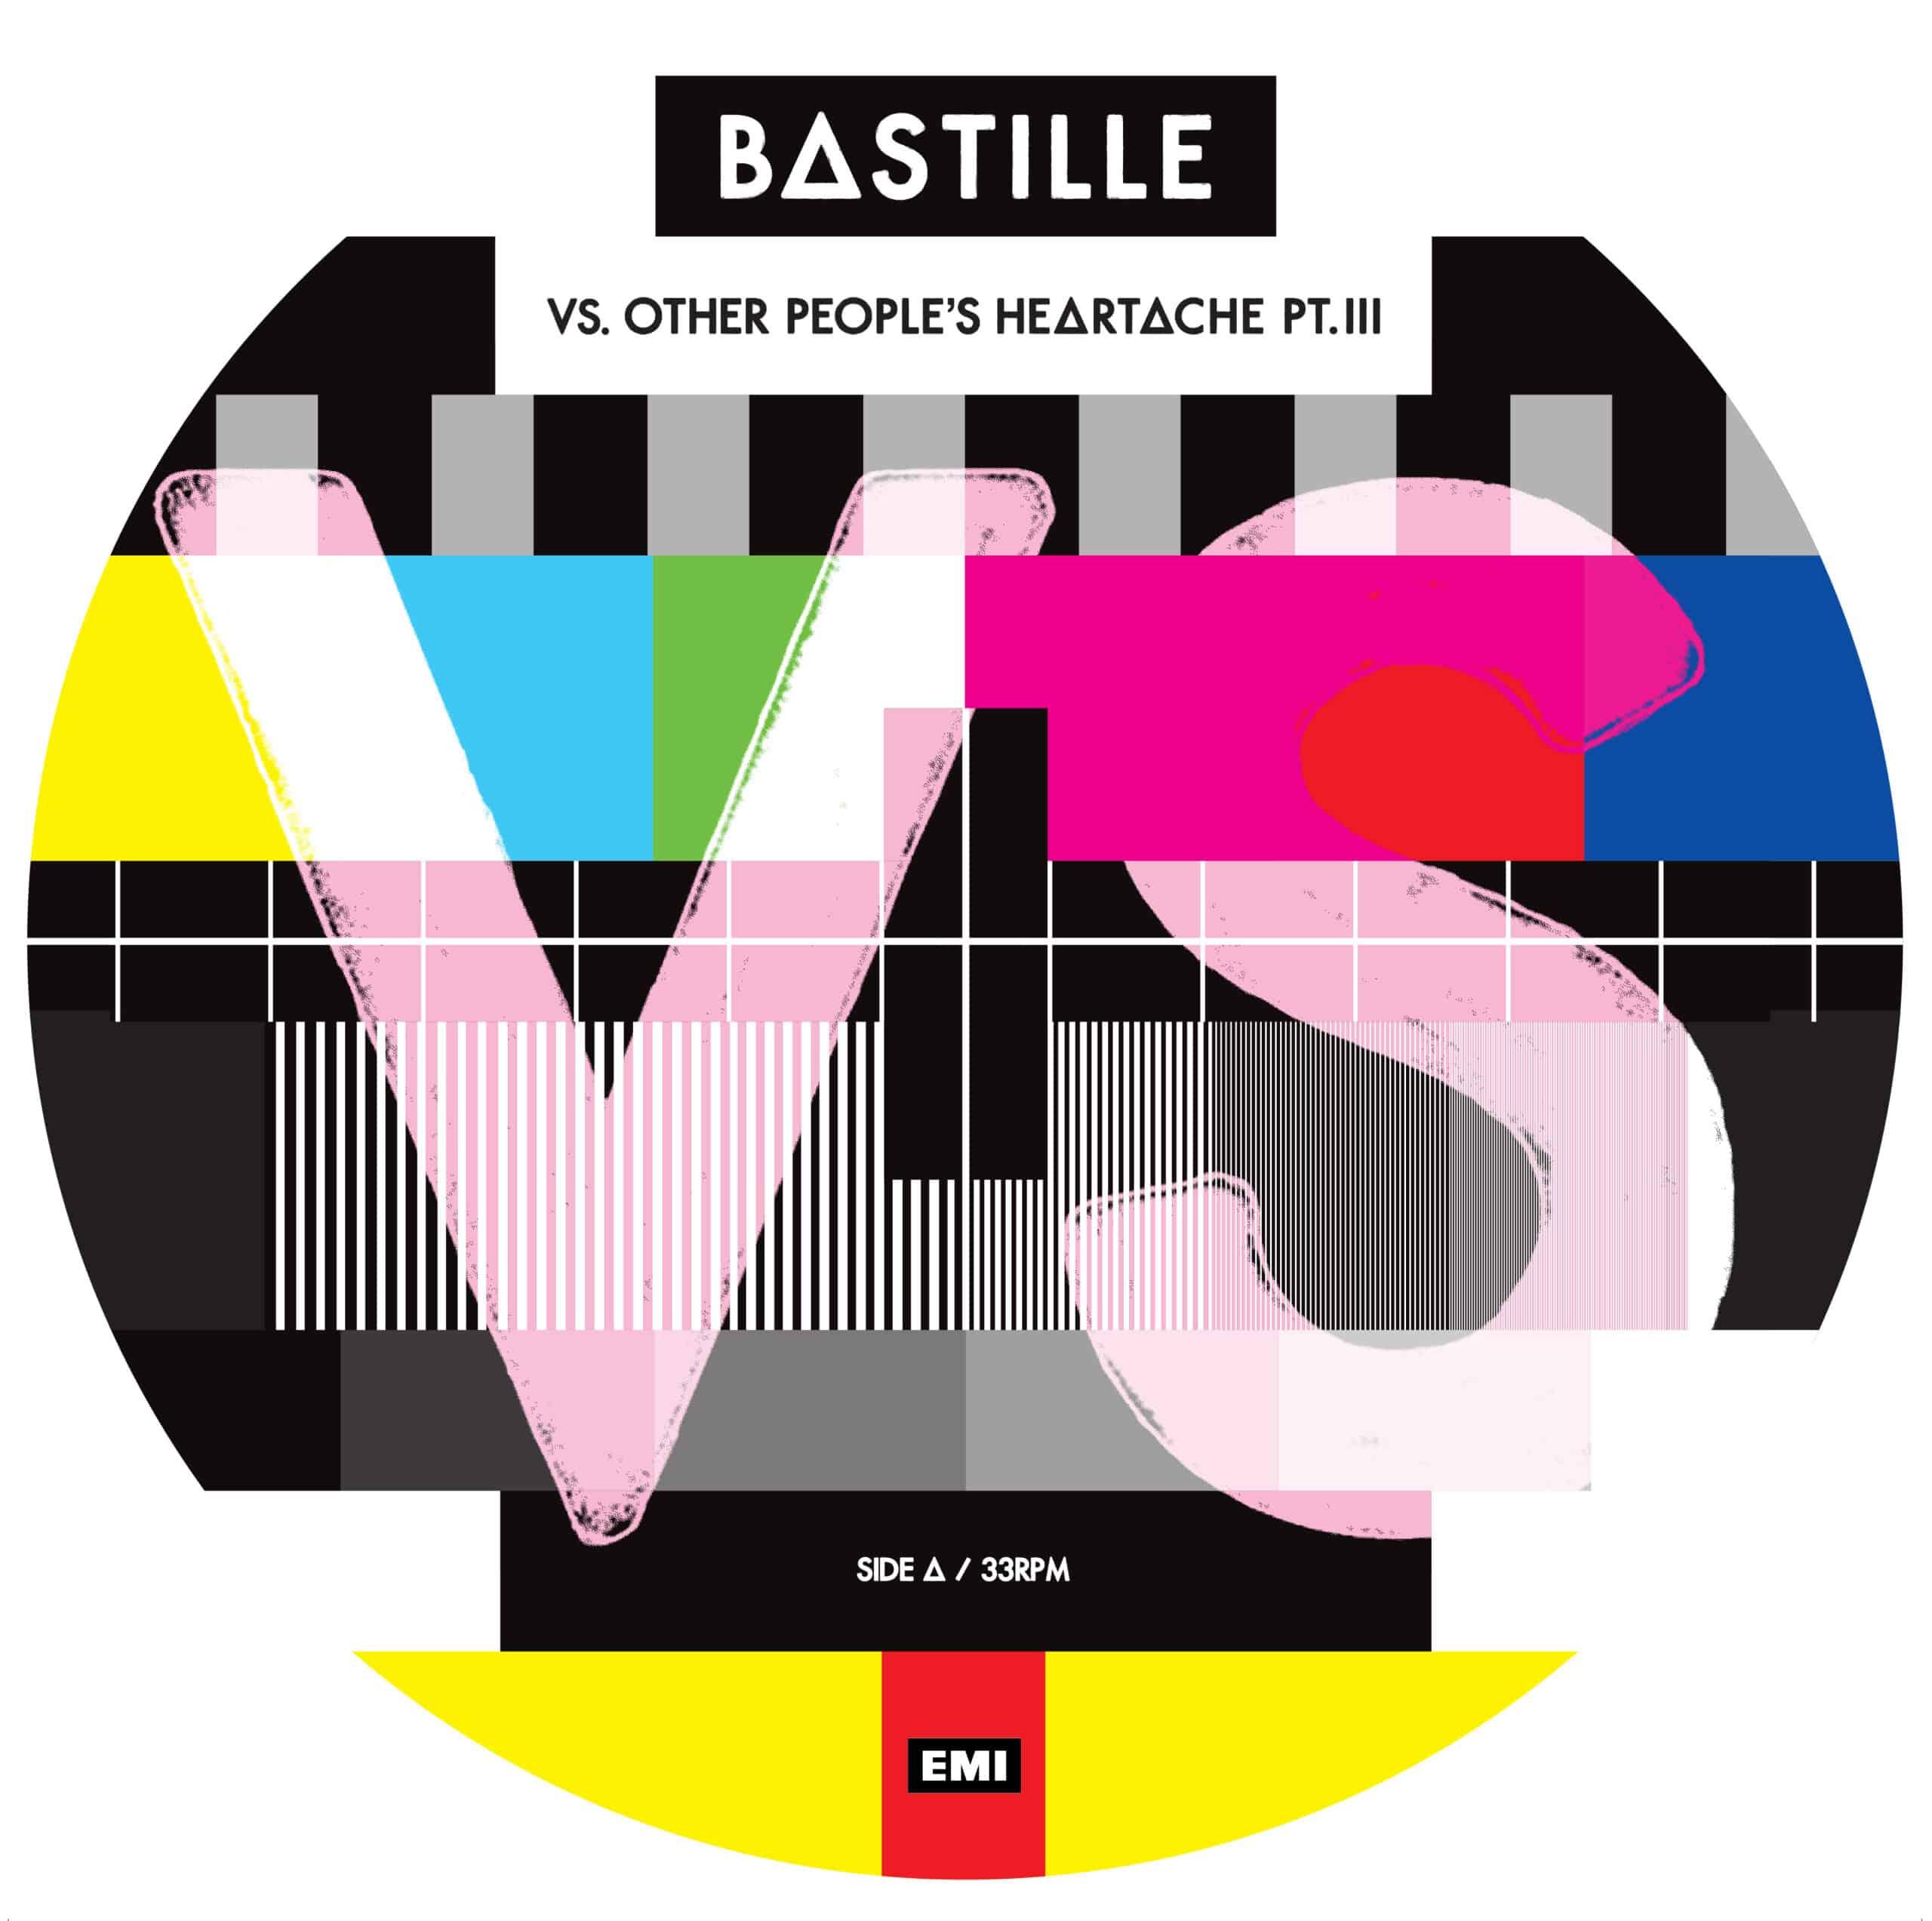 BastilleVS. (Other People's Heartache, Pt. III)